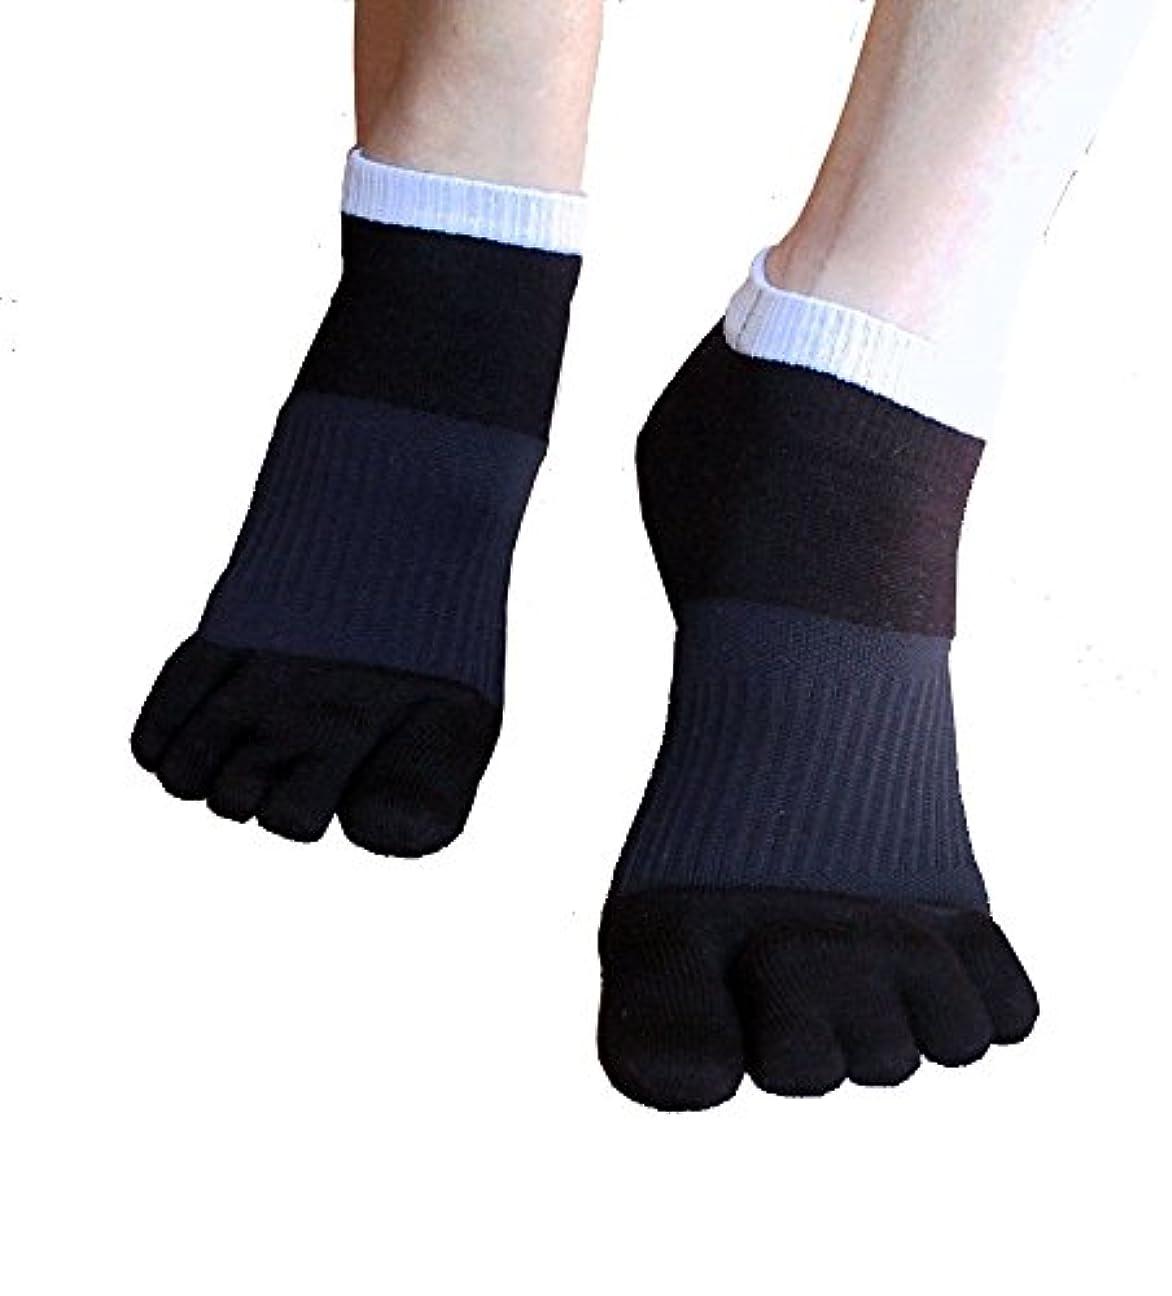 外反母趾対策 ふしぎな5本指テーピング靴下 スニーカータイプ 22-24cm?ブラック(色は2色、サイズは3サイズ)